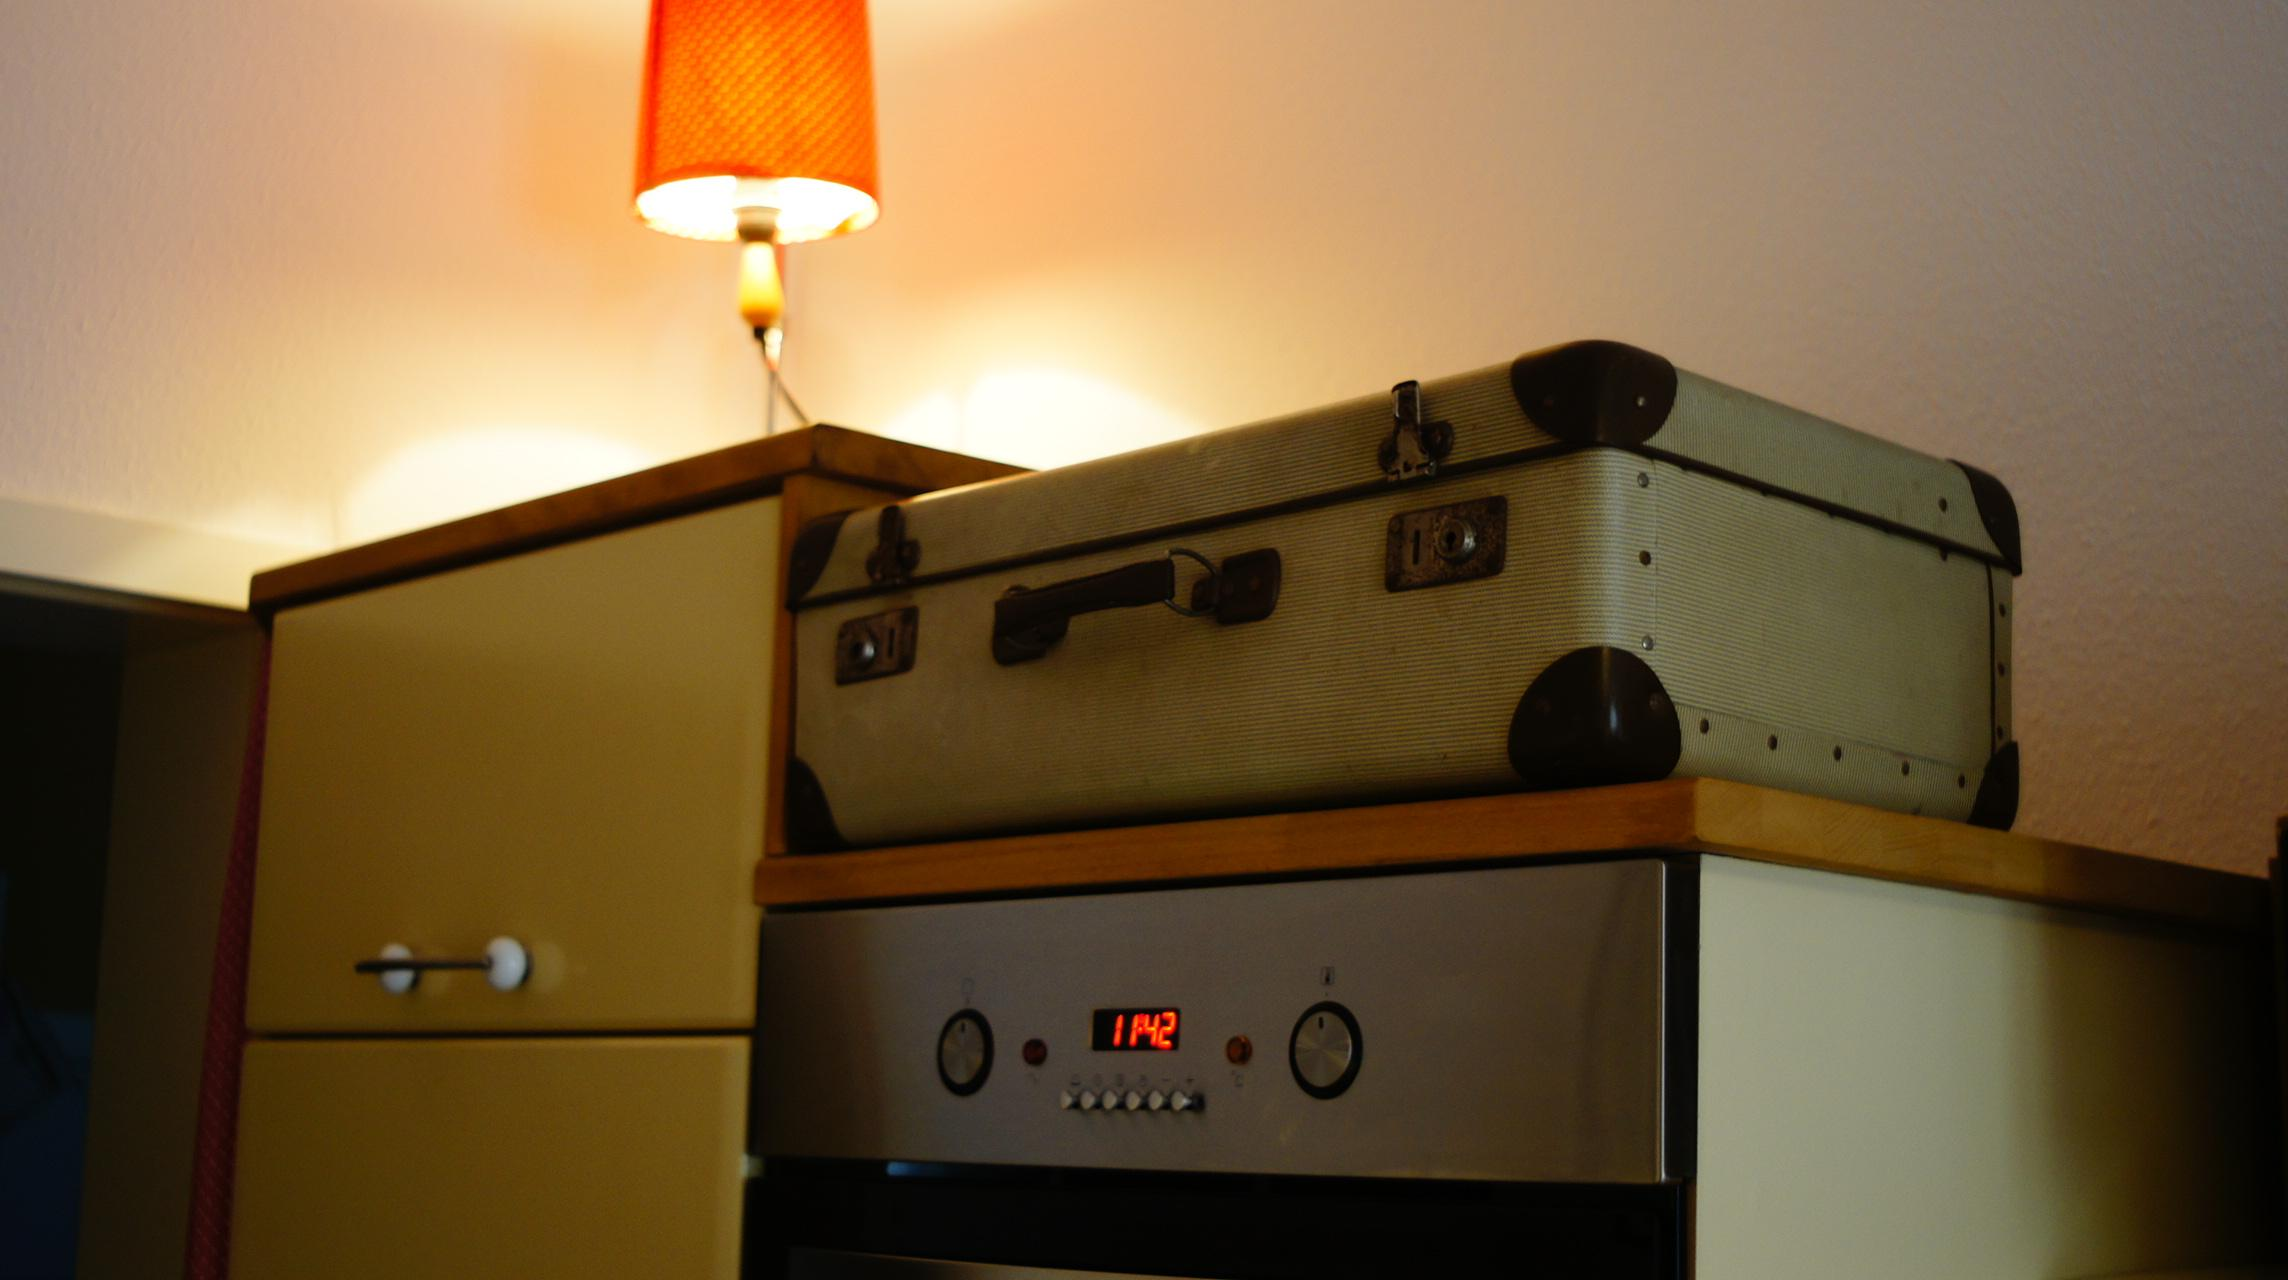 Retro Kühlschrank Italien : Retro kühlschrank test tÜv geprüfter vergleich